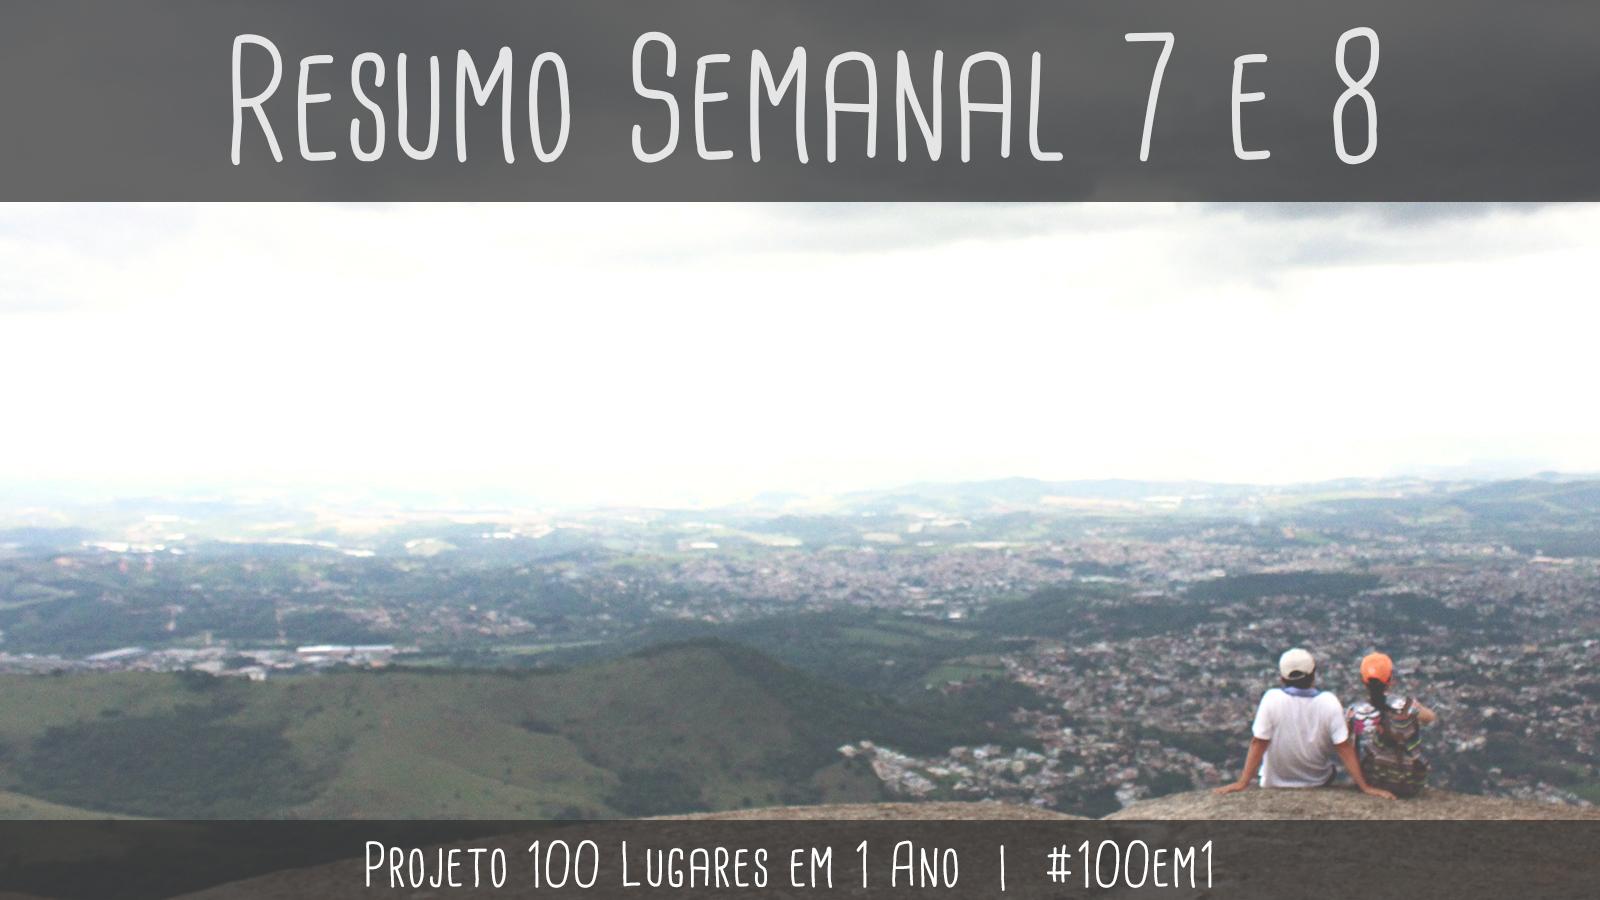 capa resumo 7 e 7 projeto #100em1